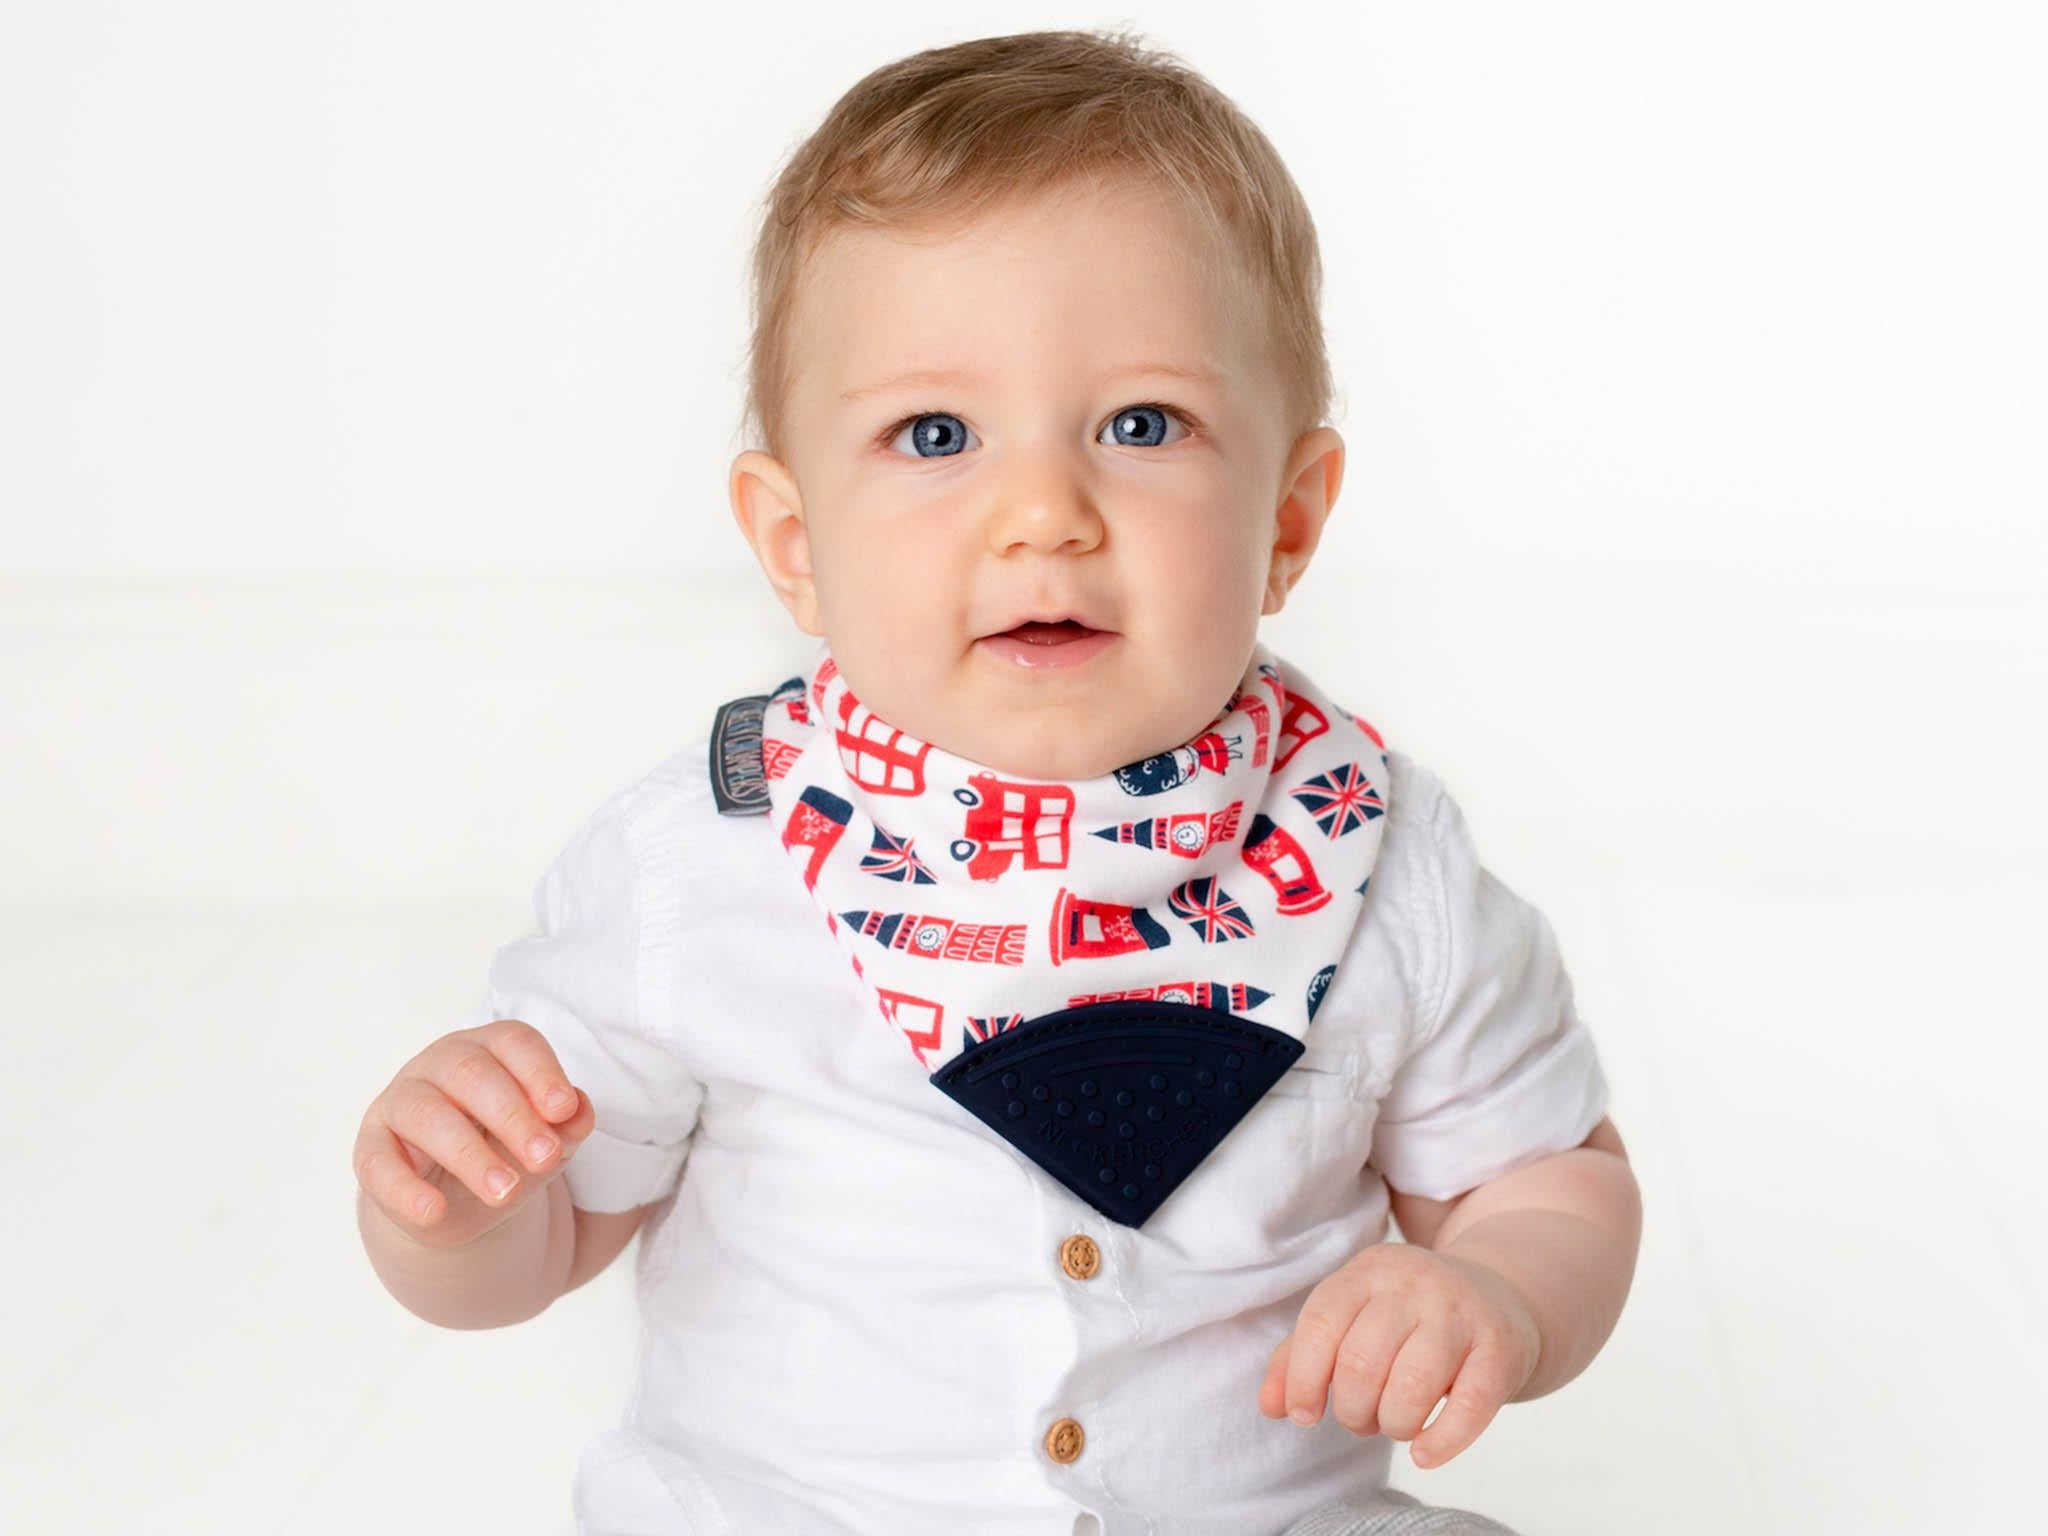 10 best baby bibs  d43a6f8e92